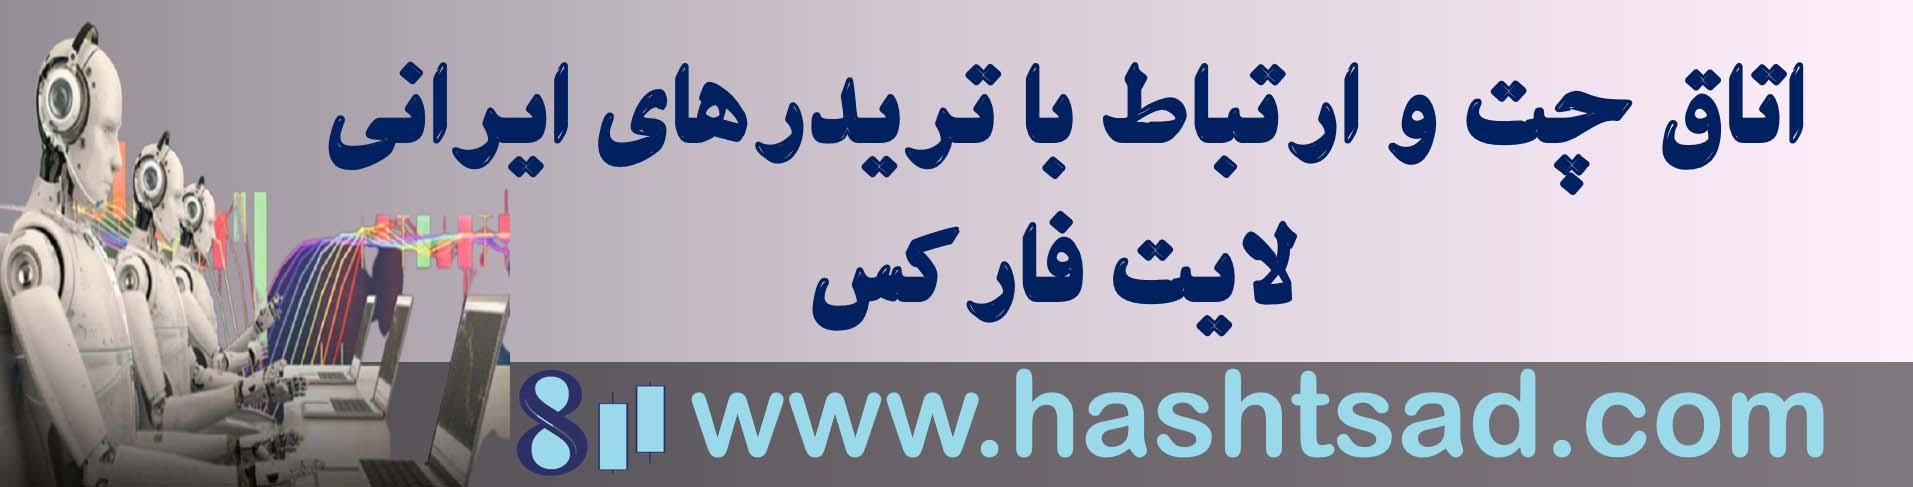 تریدرهای ایرانی